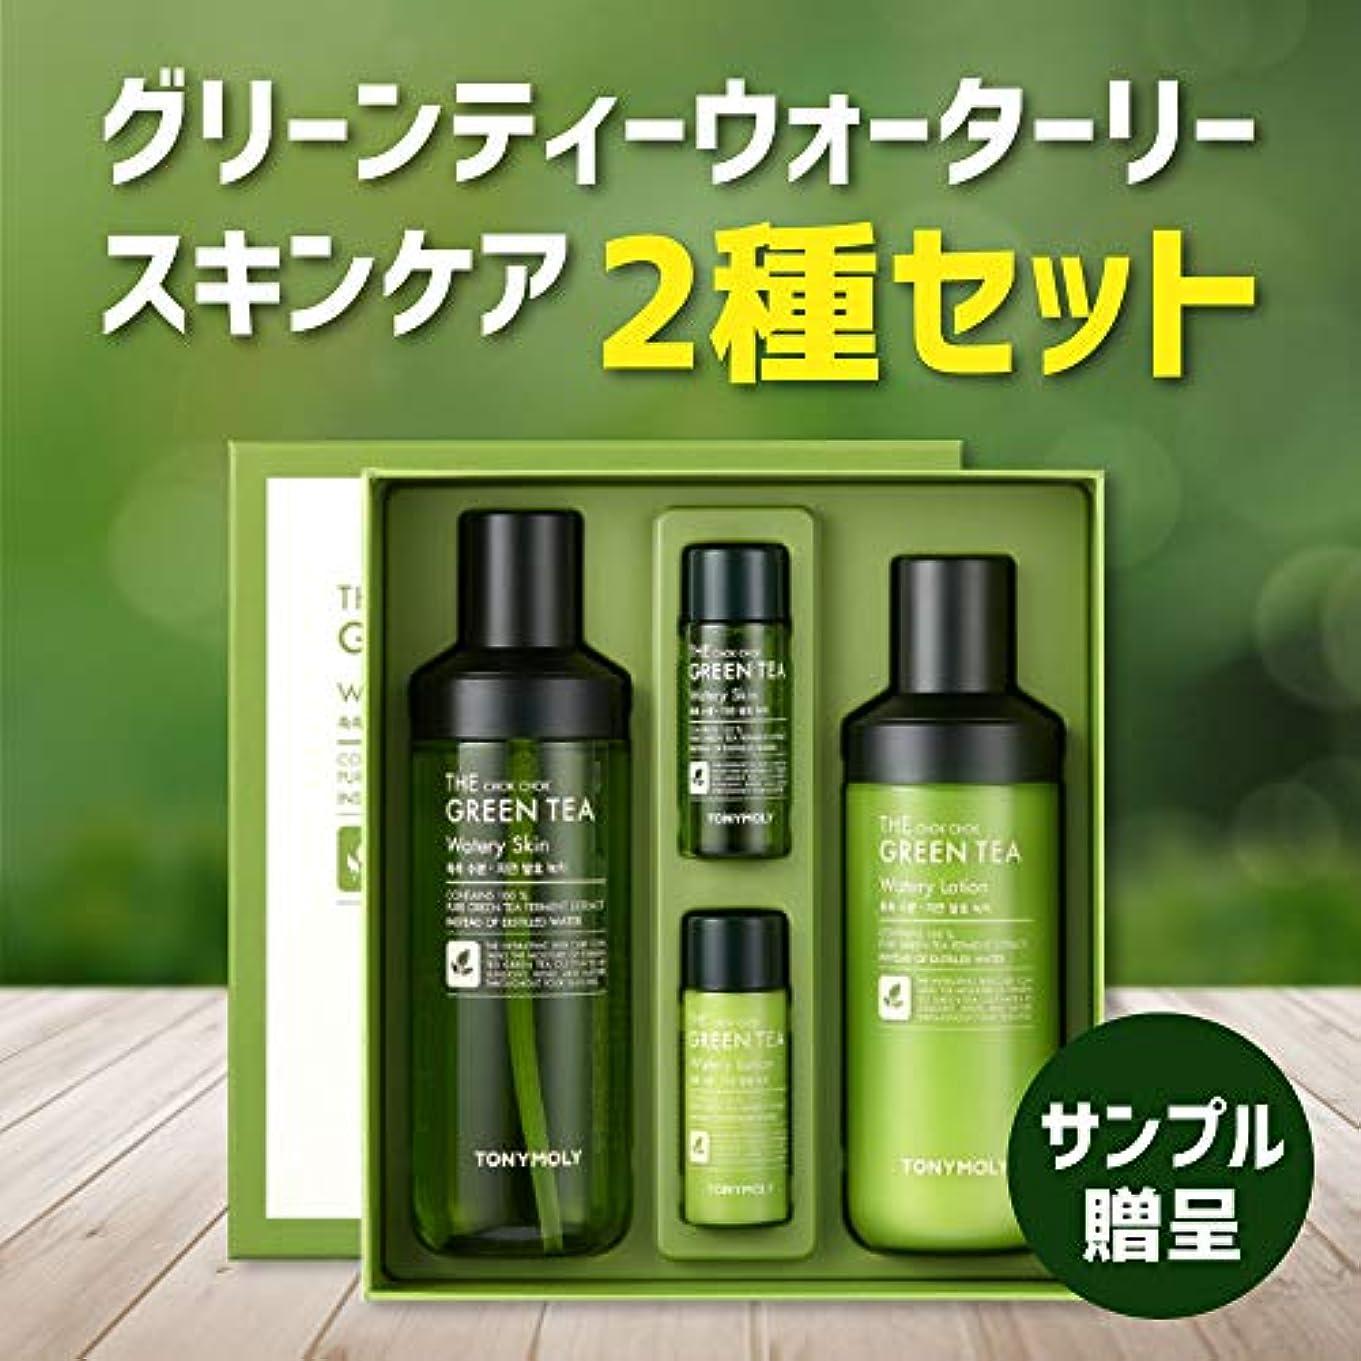 野心れる罪悪感TONYMOLY しっとり グリーン ティー 水分 化粧水 乳液 セット 抹茶 The Chok Chok Green Tea Watery Skin